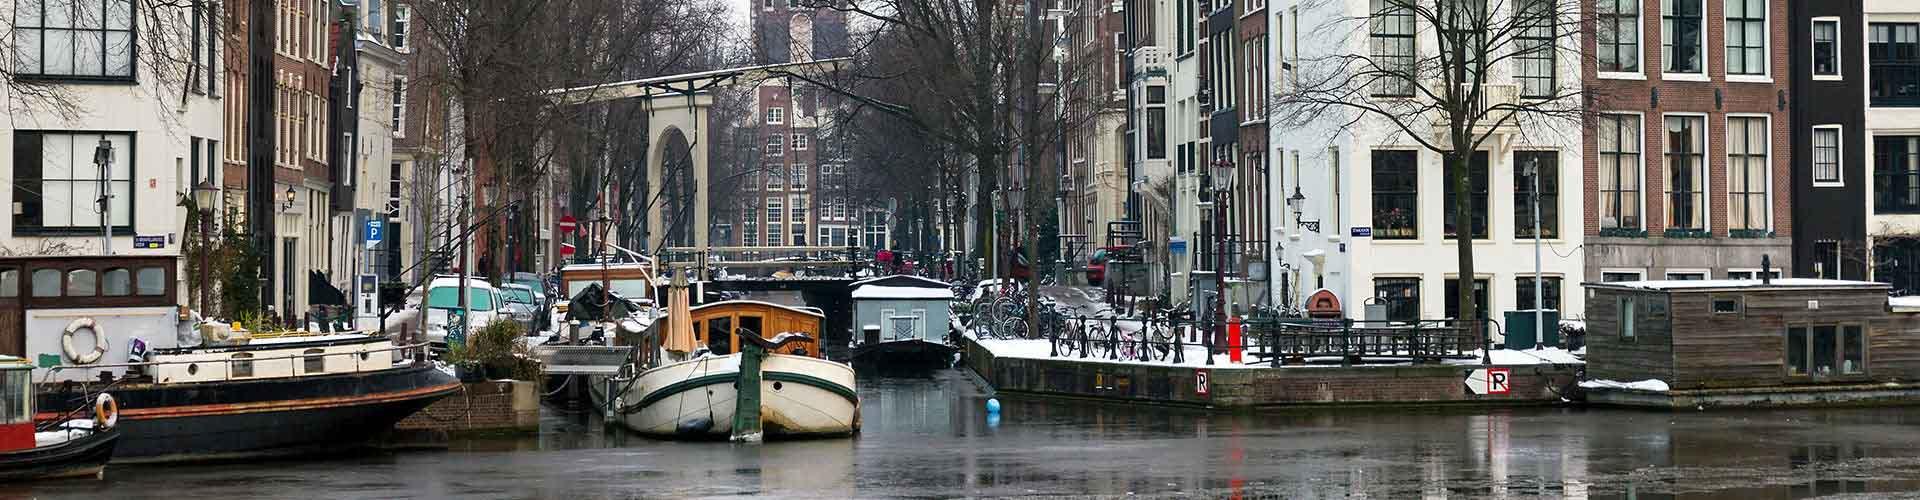 Amsterdam - Chambres pas chères dans le quartier de Amsterdam Oud Zuid. Cartes pour Amsterdam, photos et commentaires pour chaque chambre à Amsterdam.